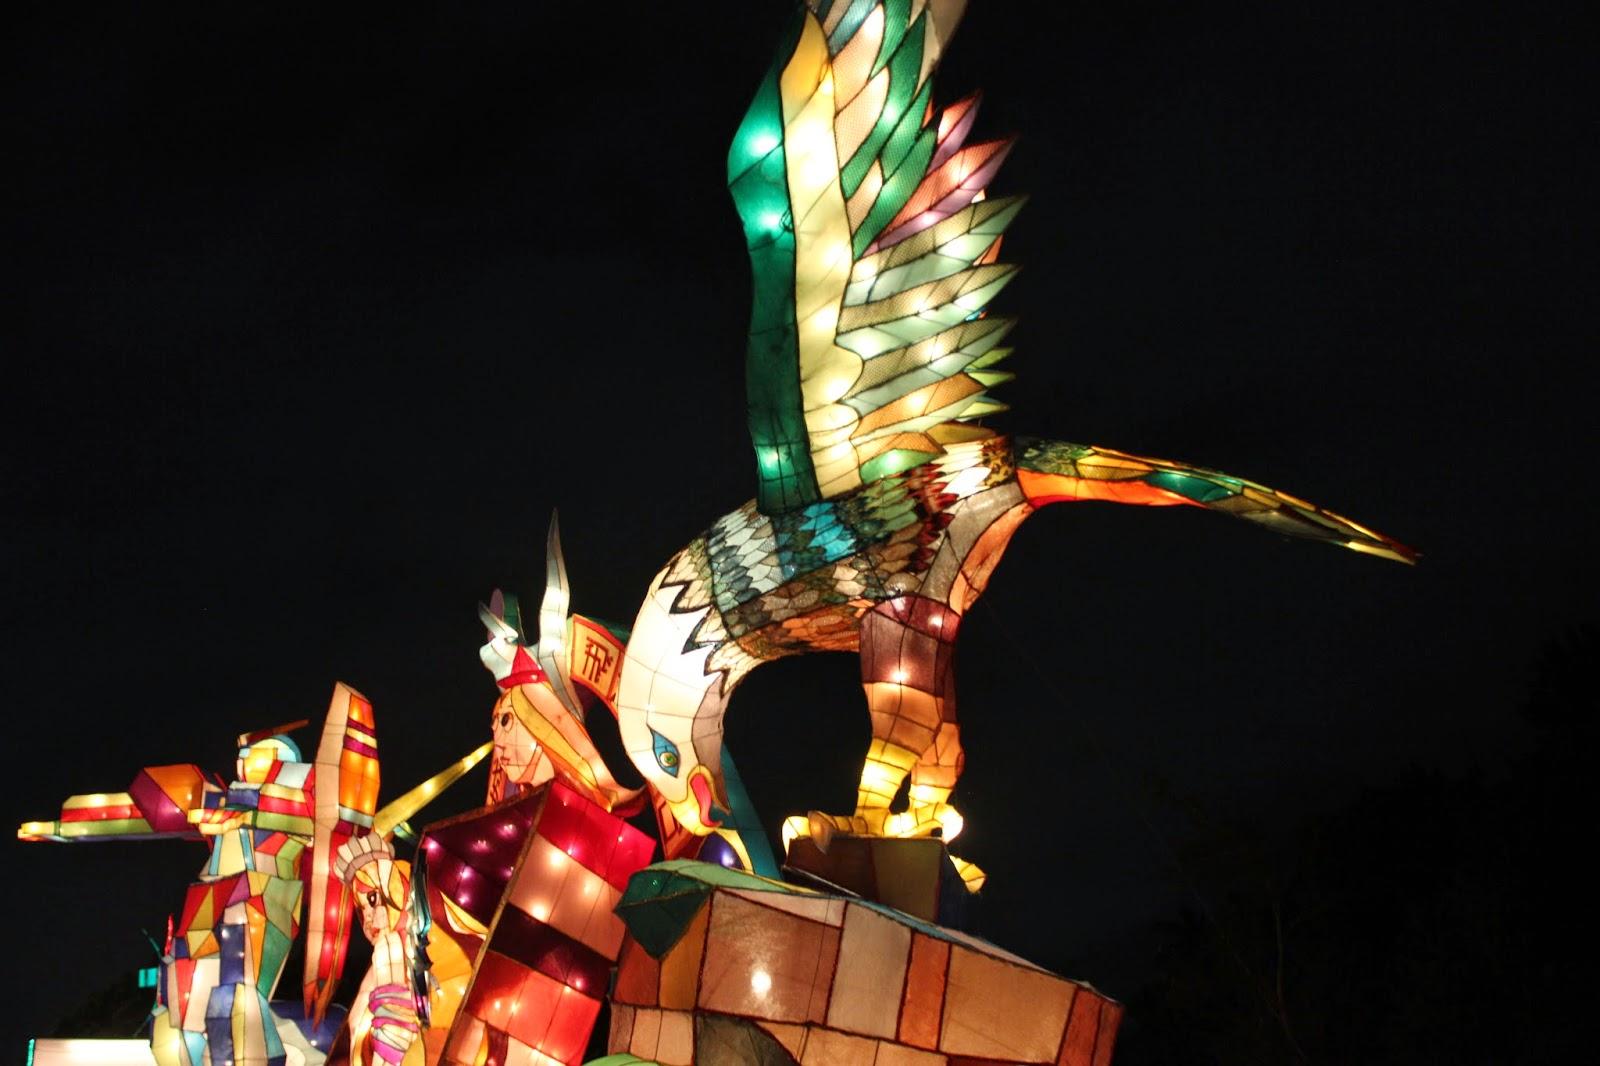 Taipei lantern festival 2015